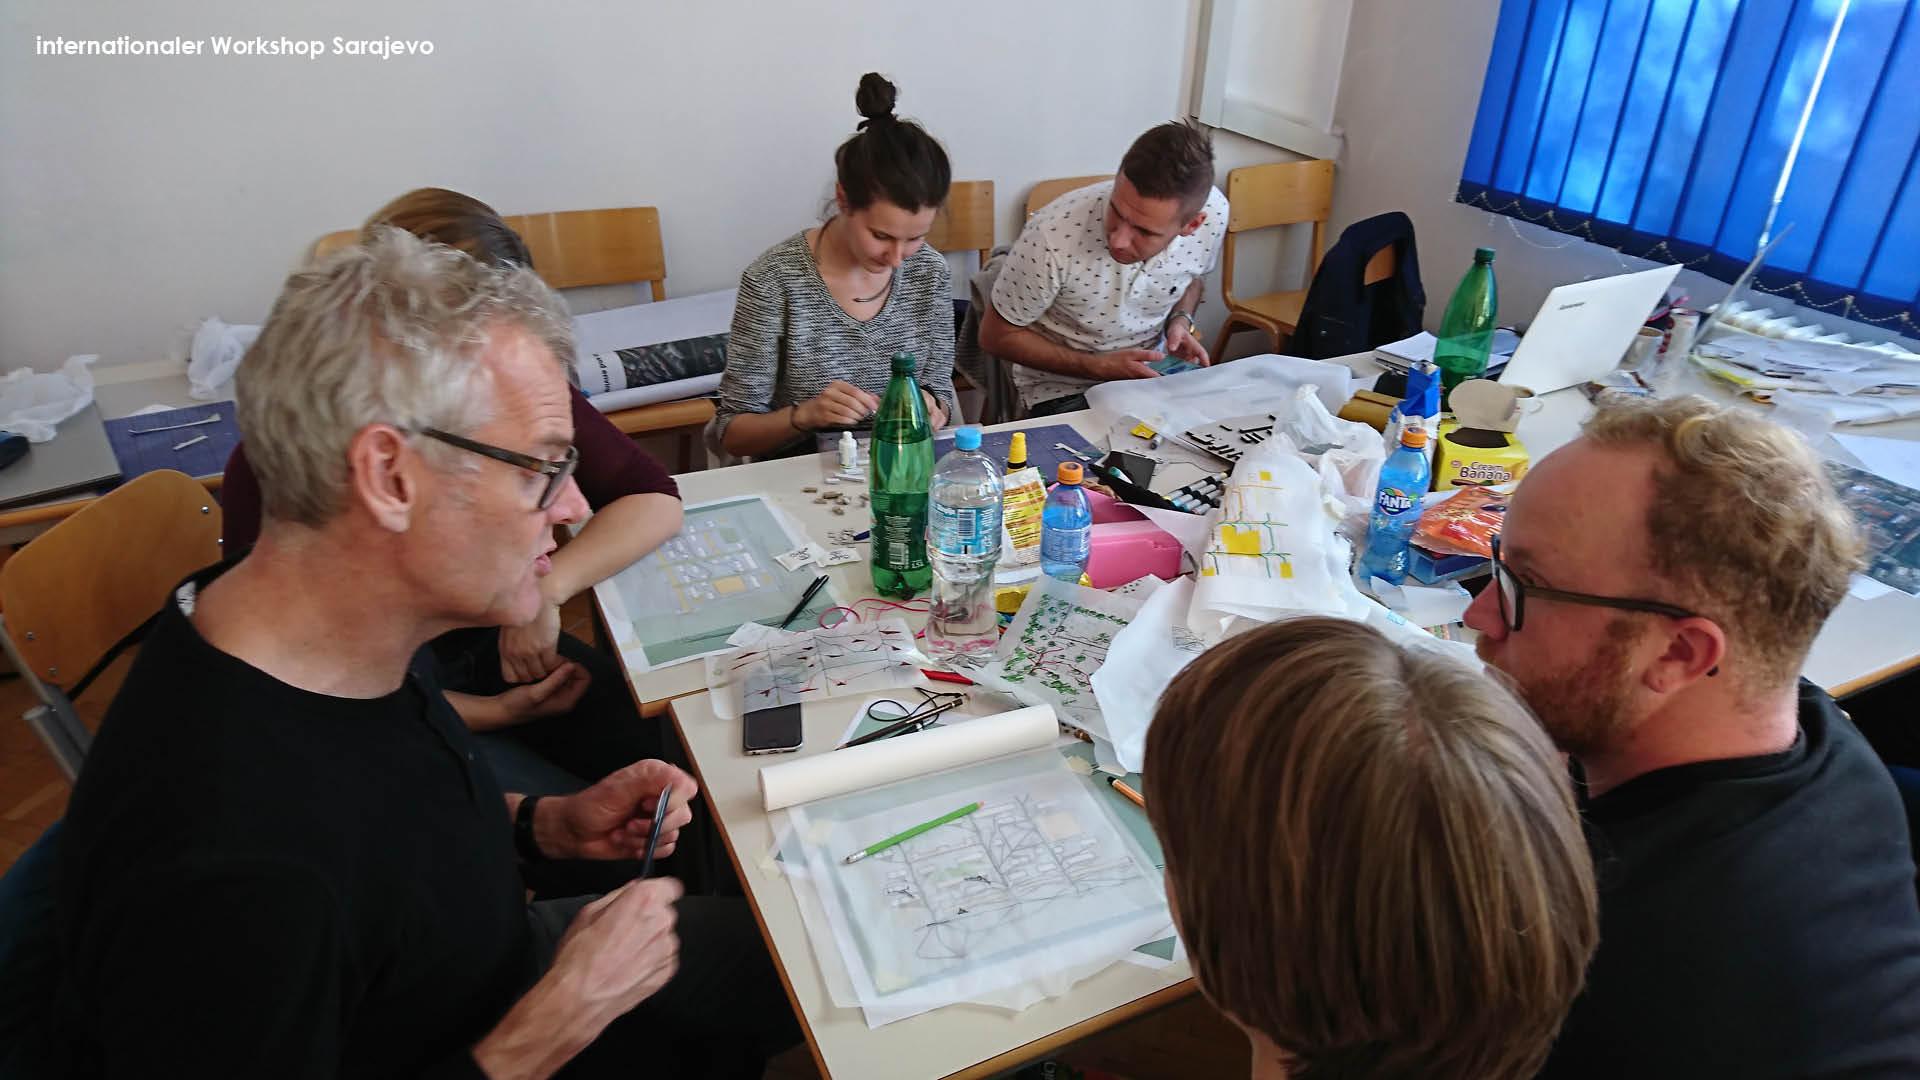 Workshop Sarajevo 20174